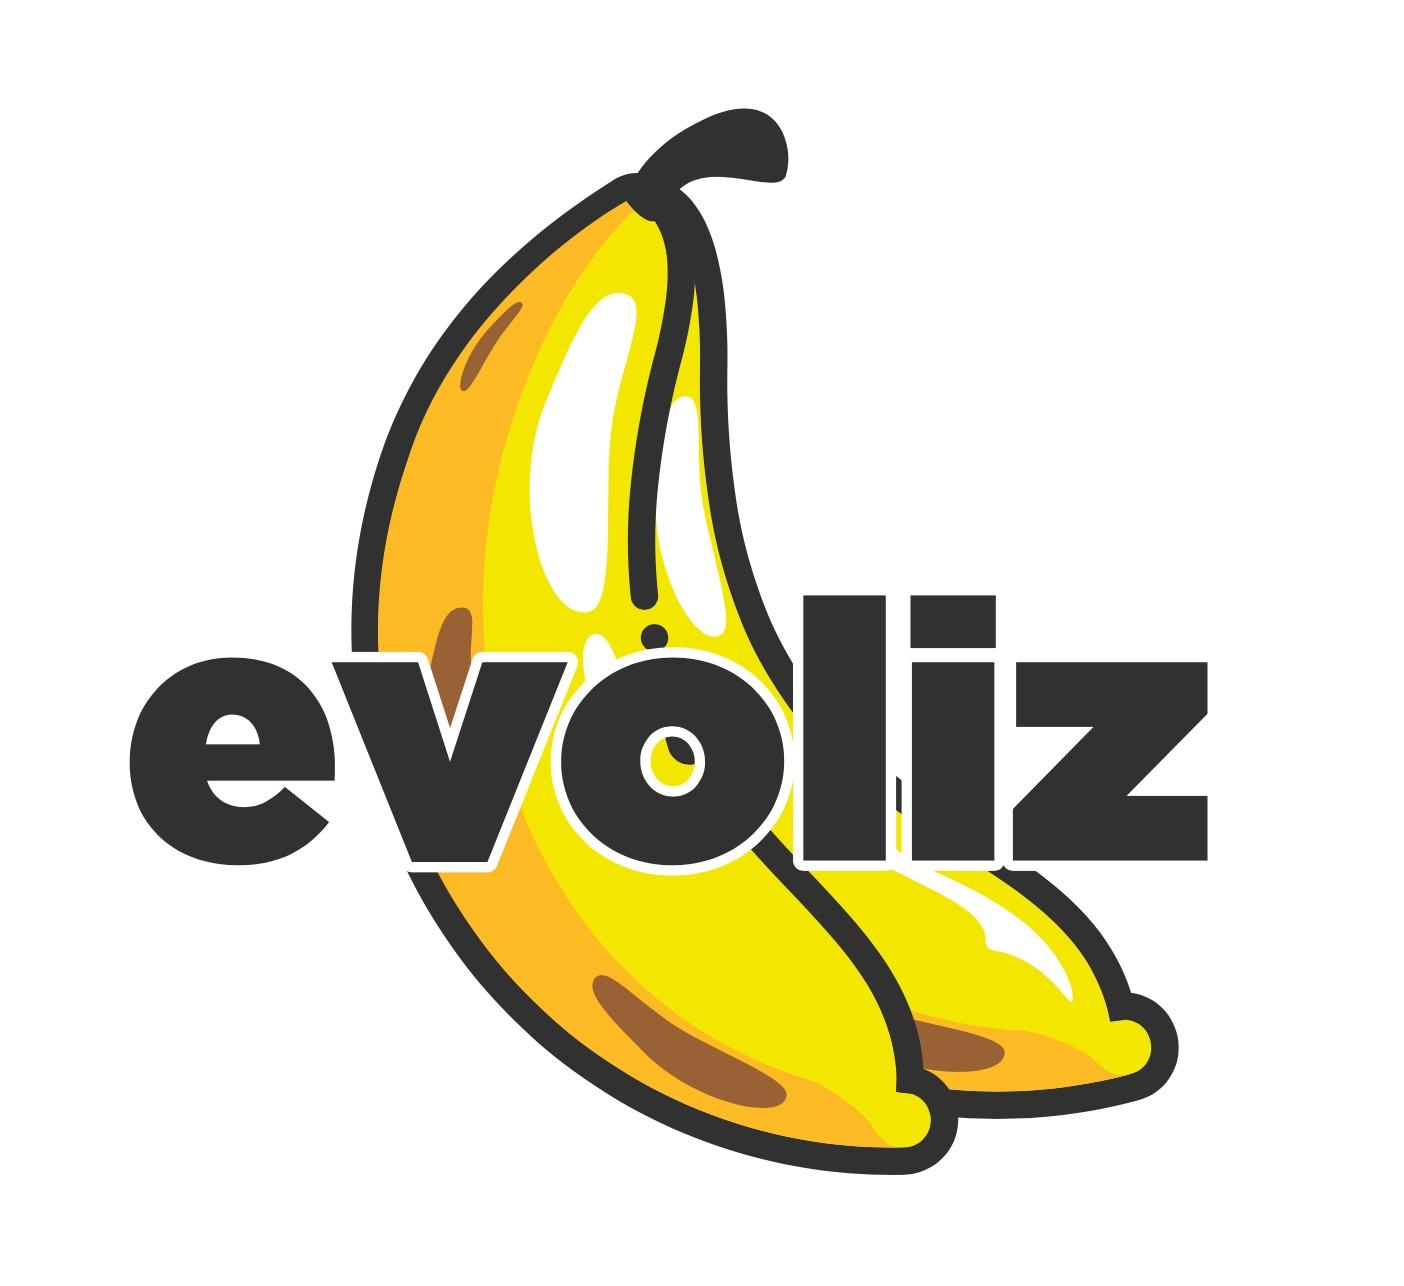 Evoliz